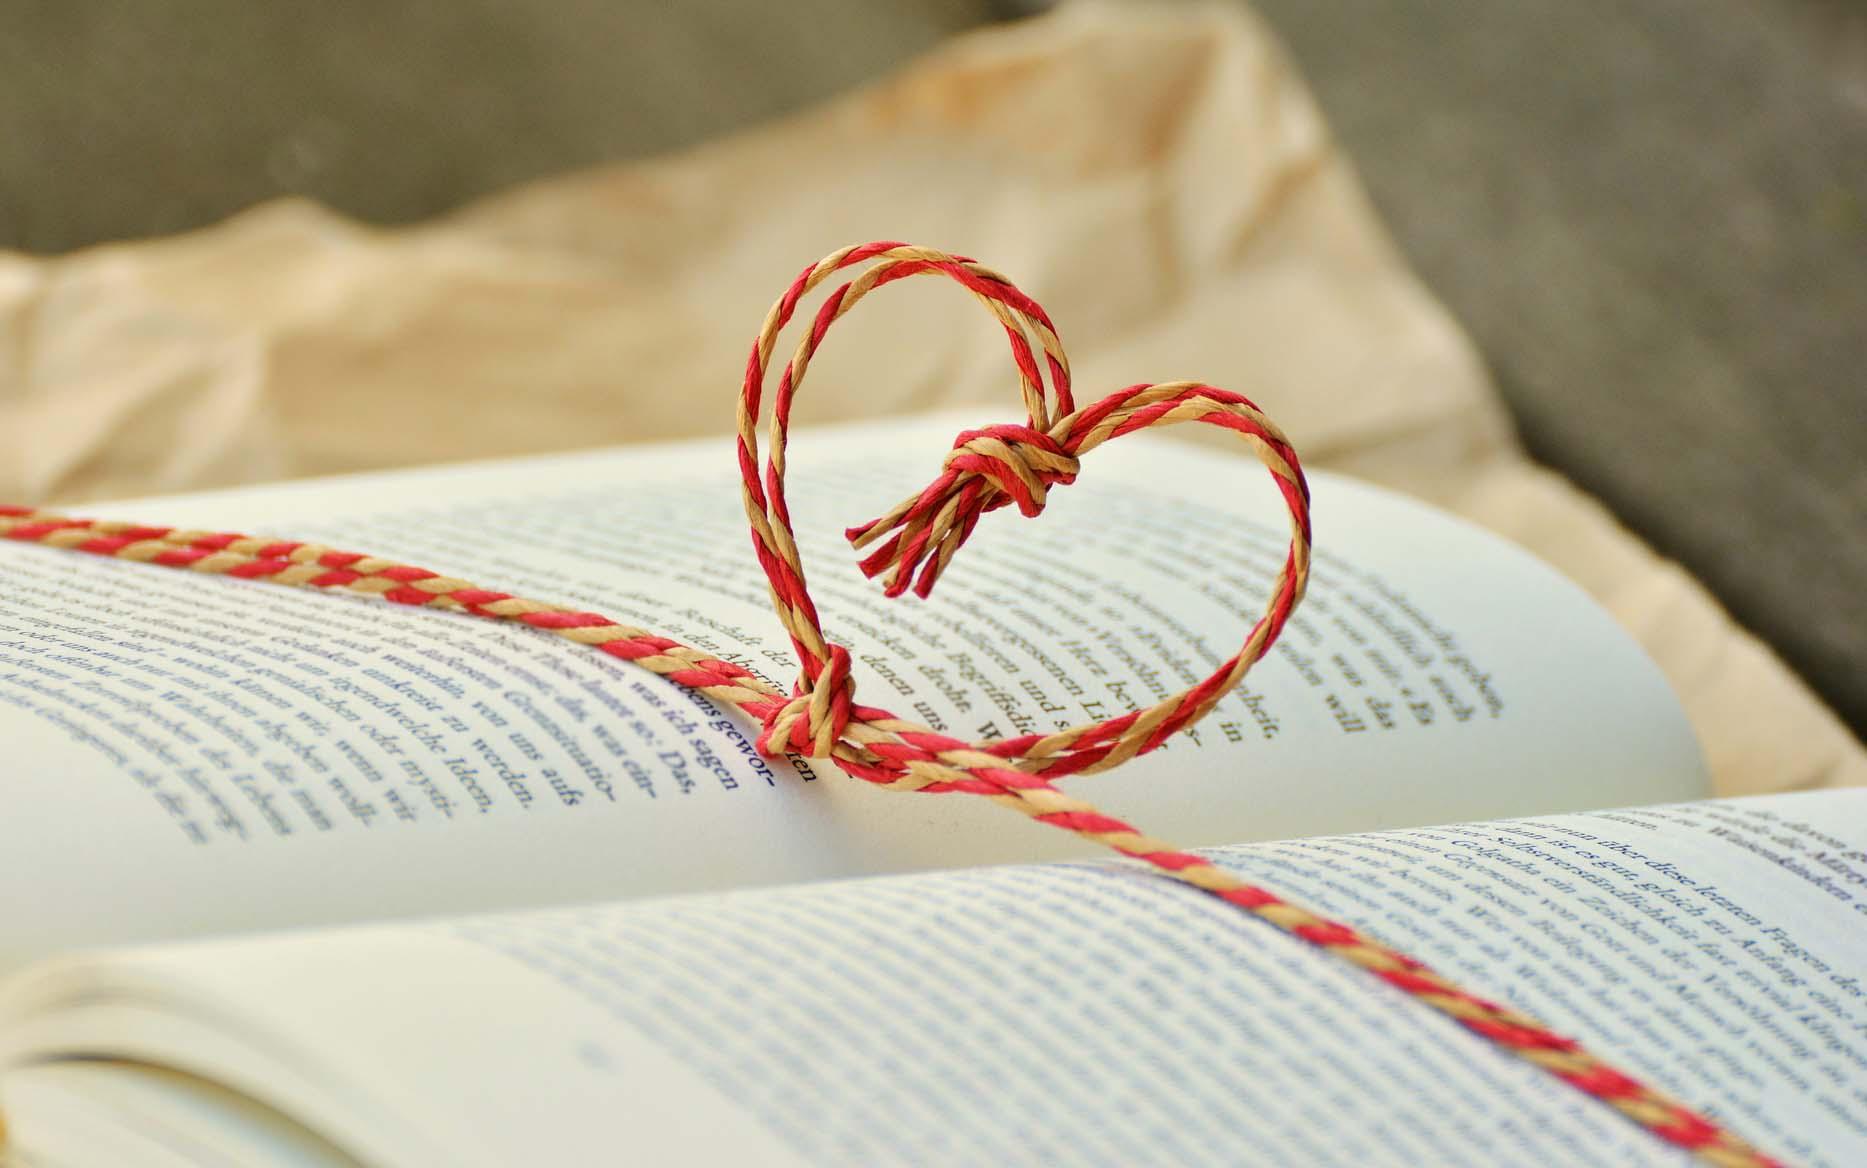 Oppslått bok med en rød snor rundt som med en knute danner et hjerte. I bakgrunnen innpakningspapir, boken er tdyeligvis akkurat åpnet som en pakke.